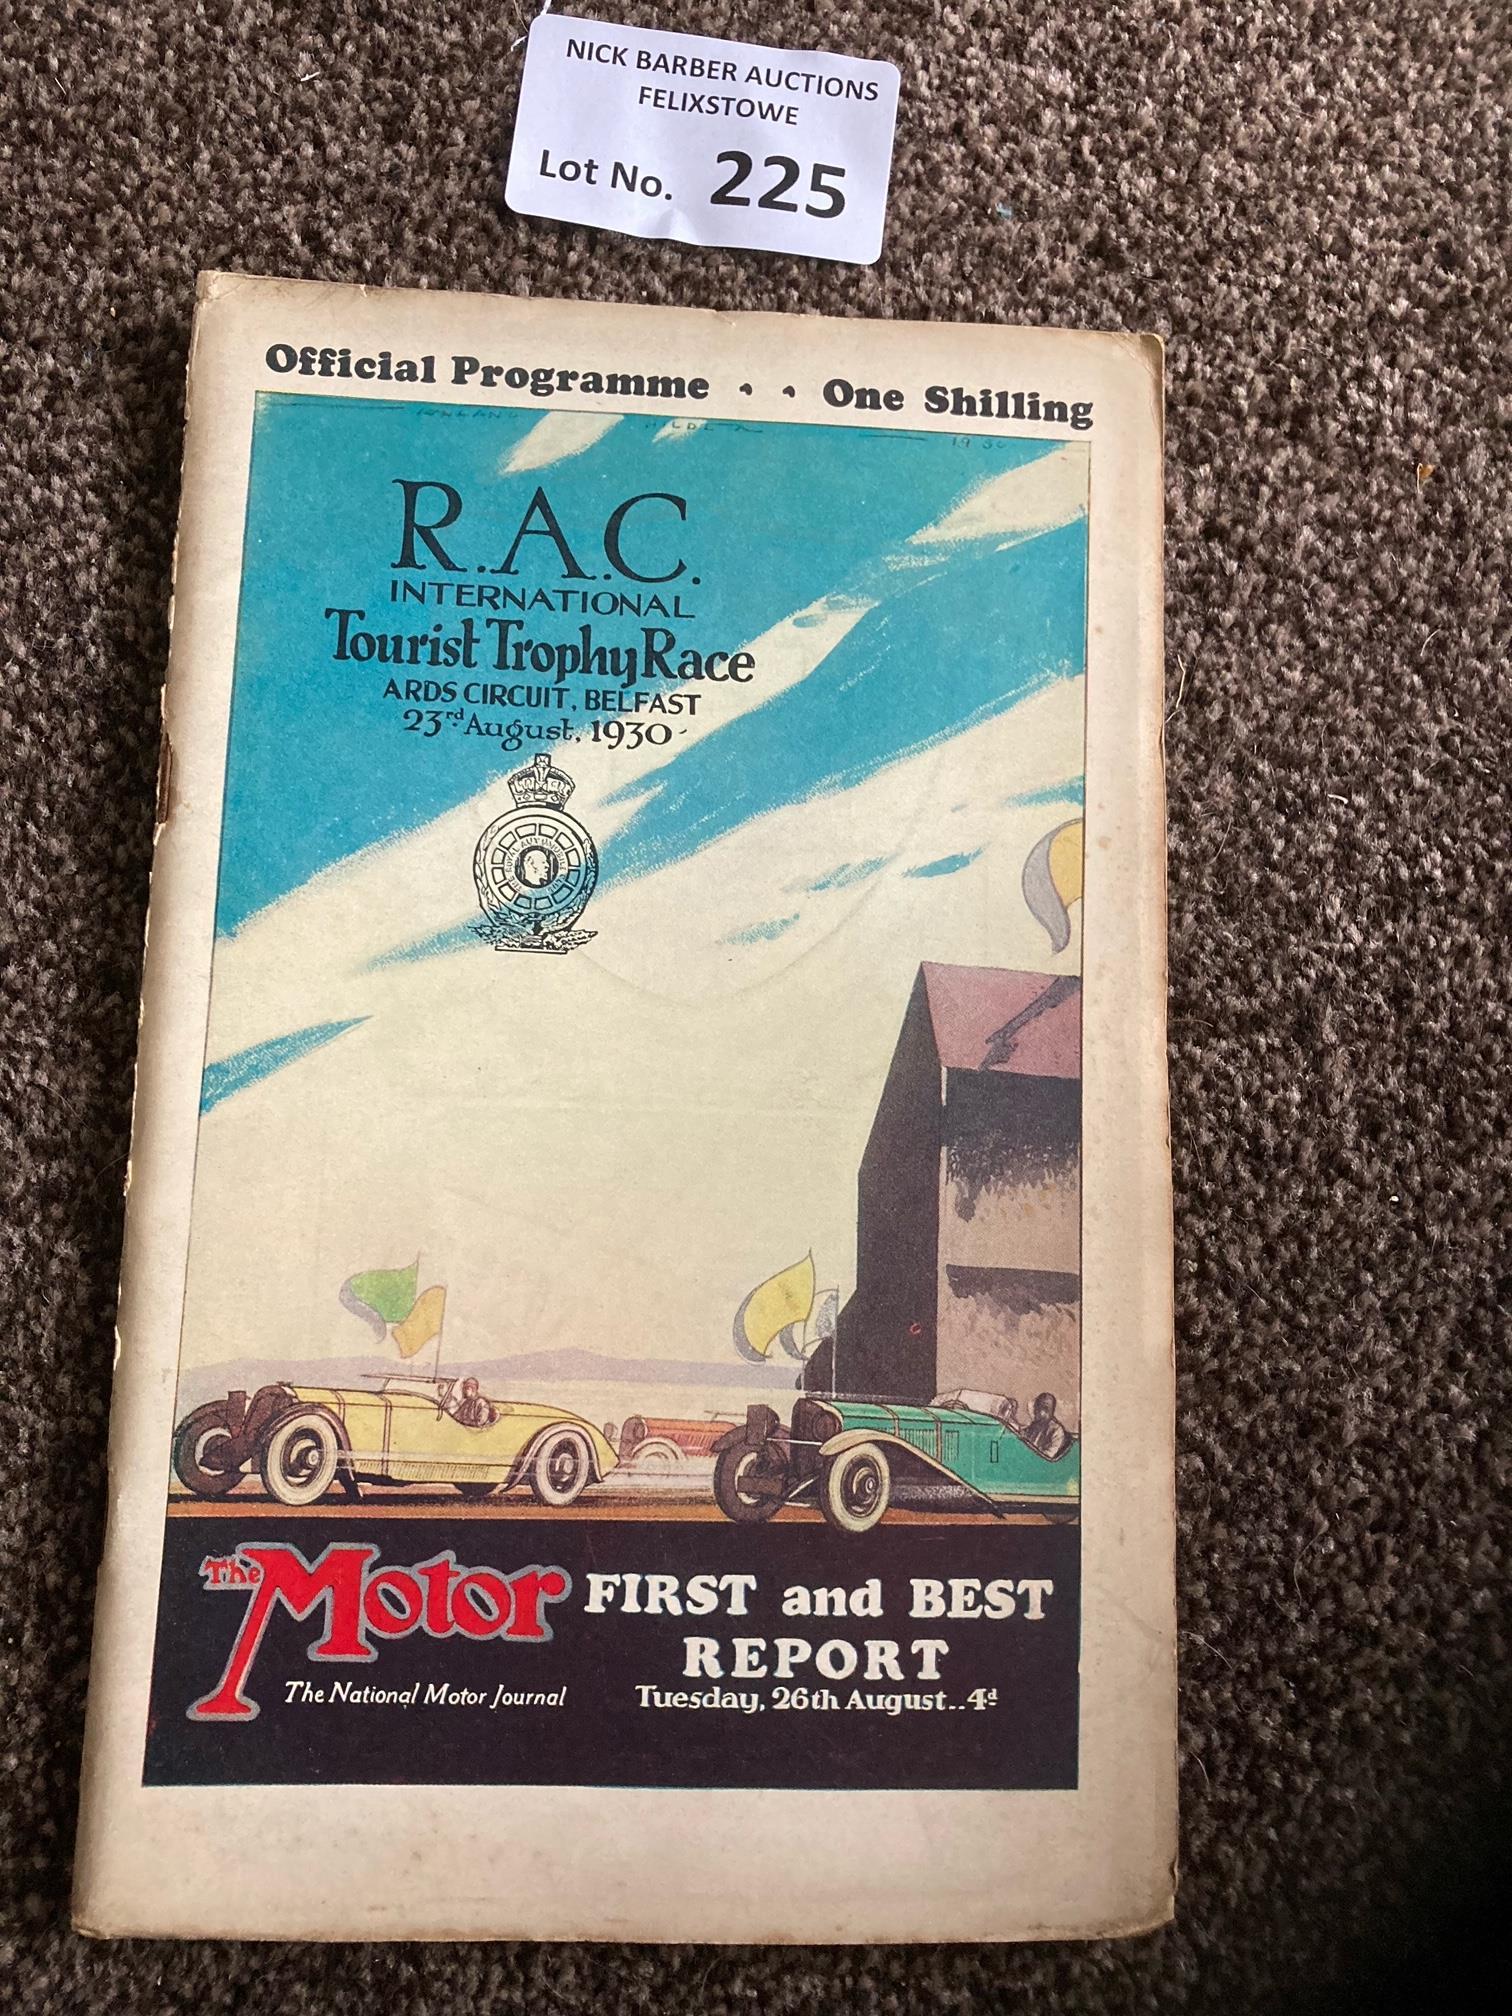 Motor Racing : RAC Intl Tourist Trophy Race progra